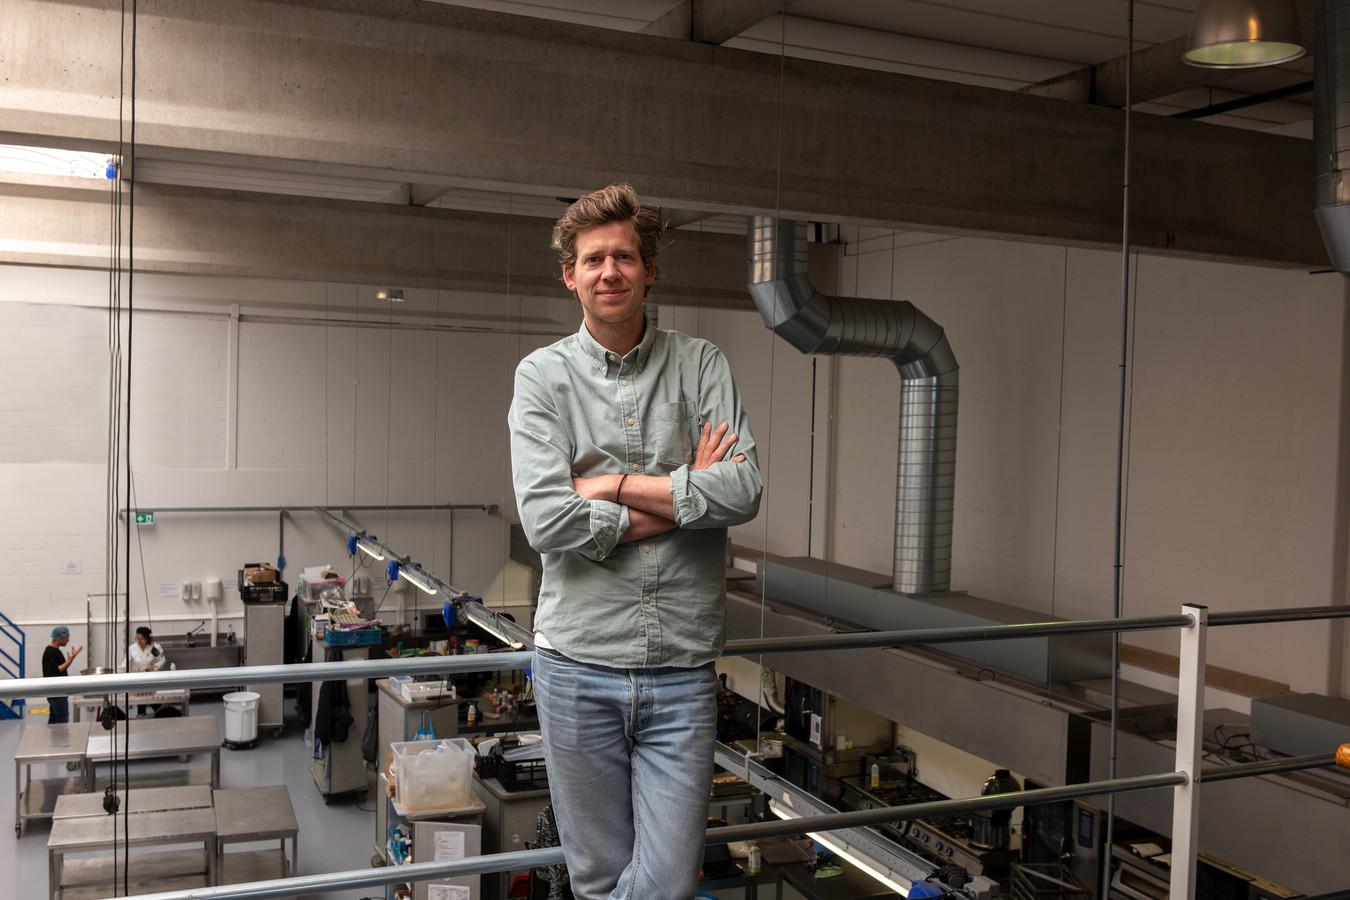 Joost Esser uit Vught in de keuken van zijn onderneming Plant B in Amsterdam.